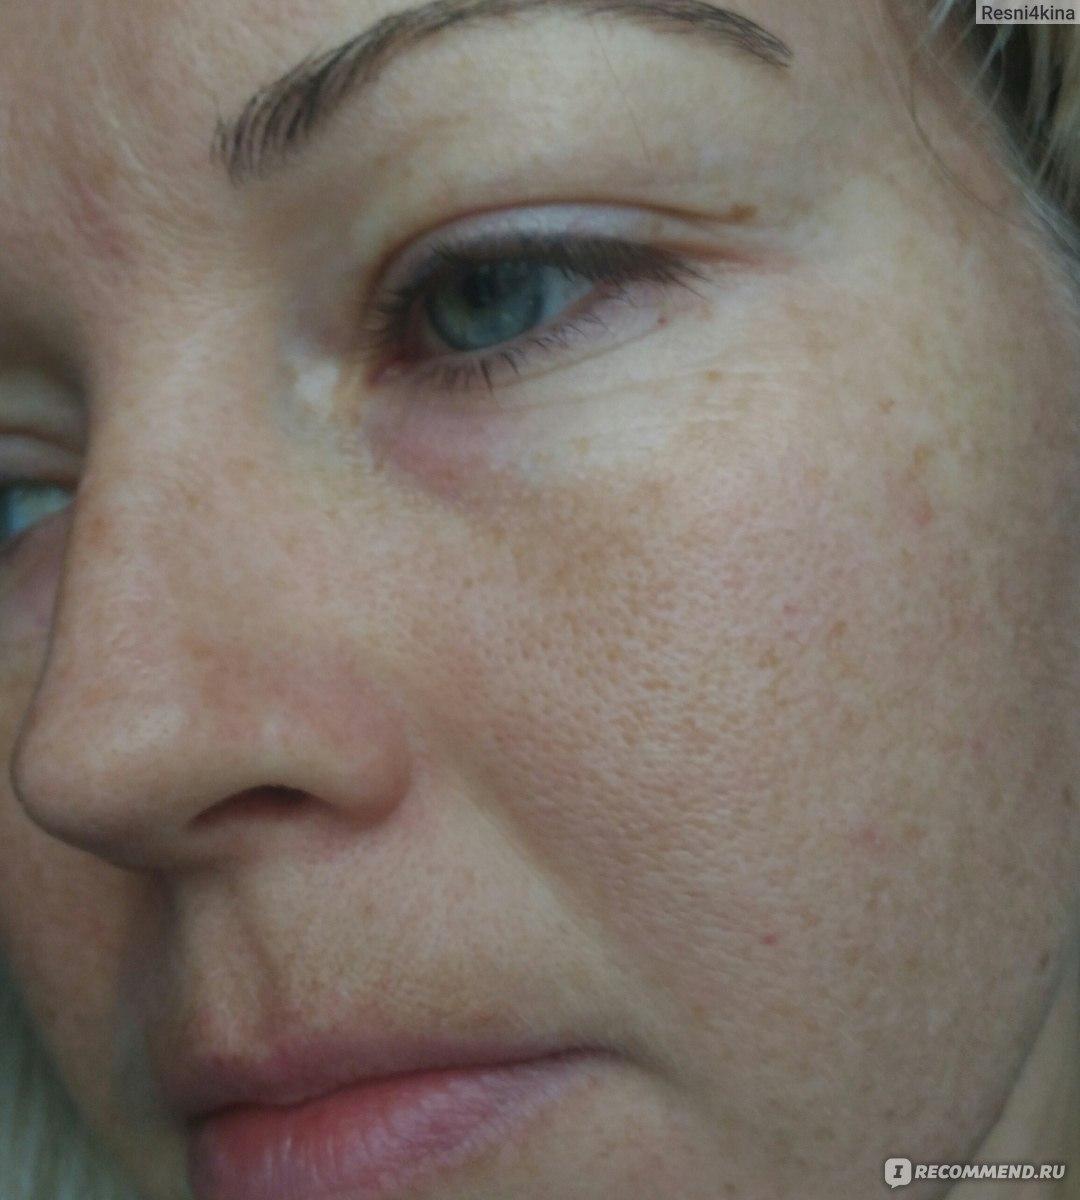 Поверхностный химический пилинг лица – разбираемся в разновидностях